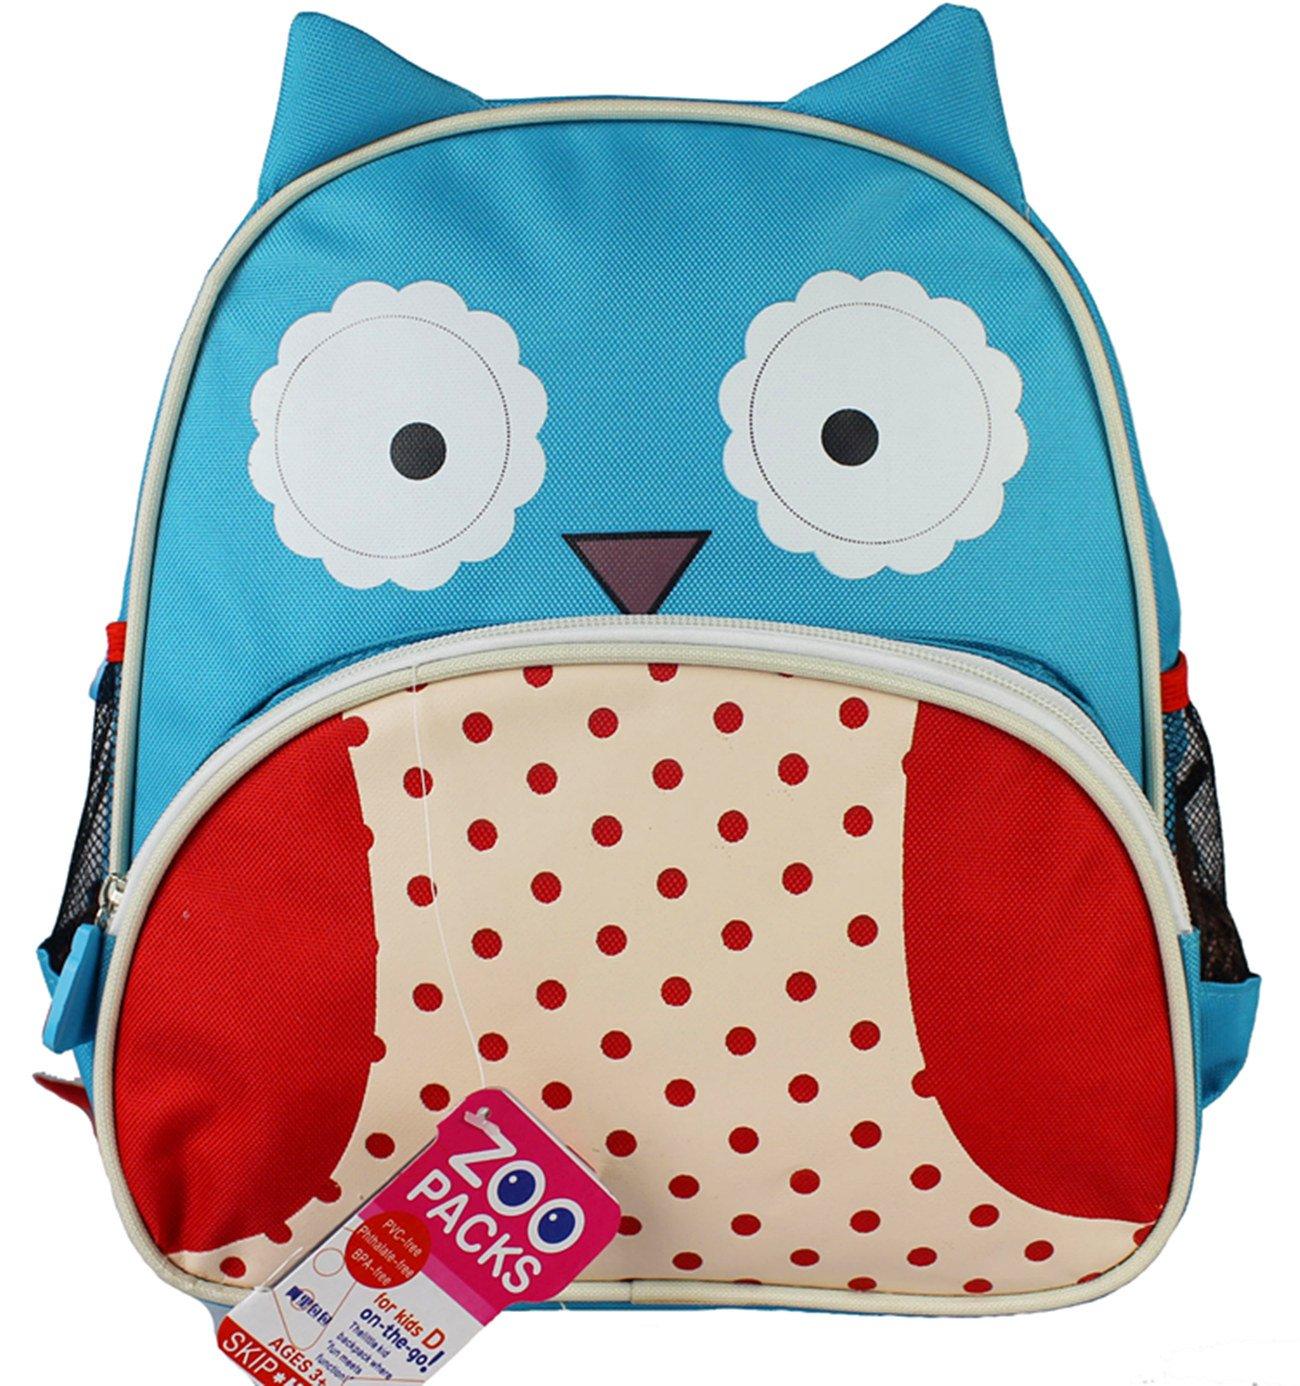 儿童书包 超萌卡通动物造型双肩包 儿童背包 幼儿园小